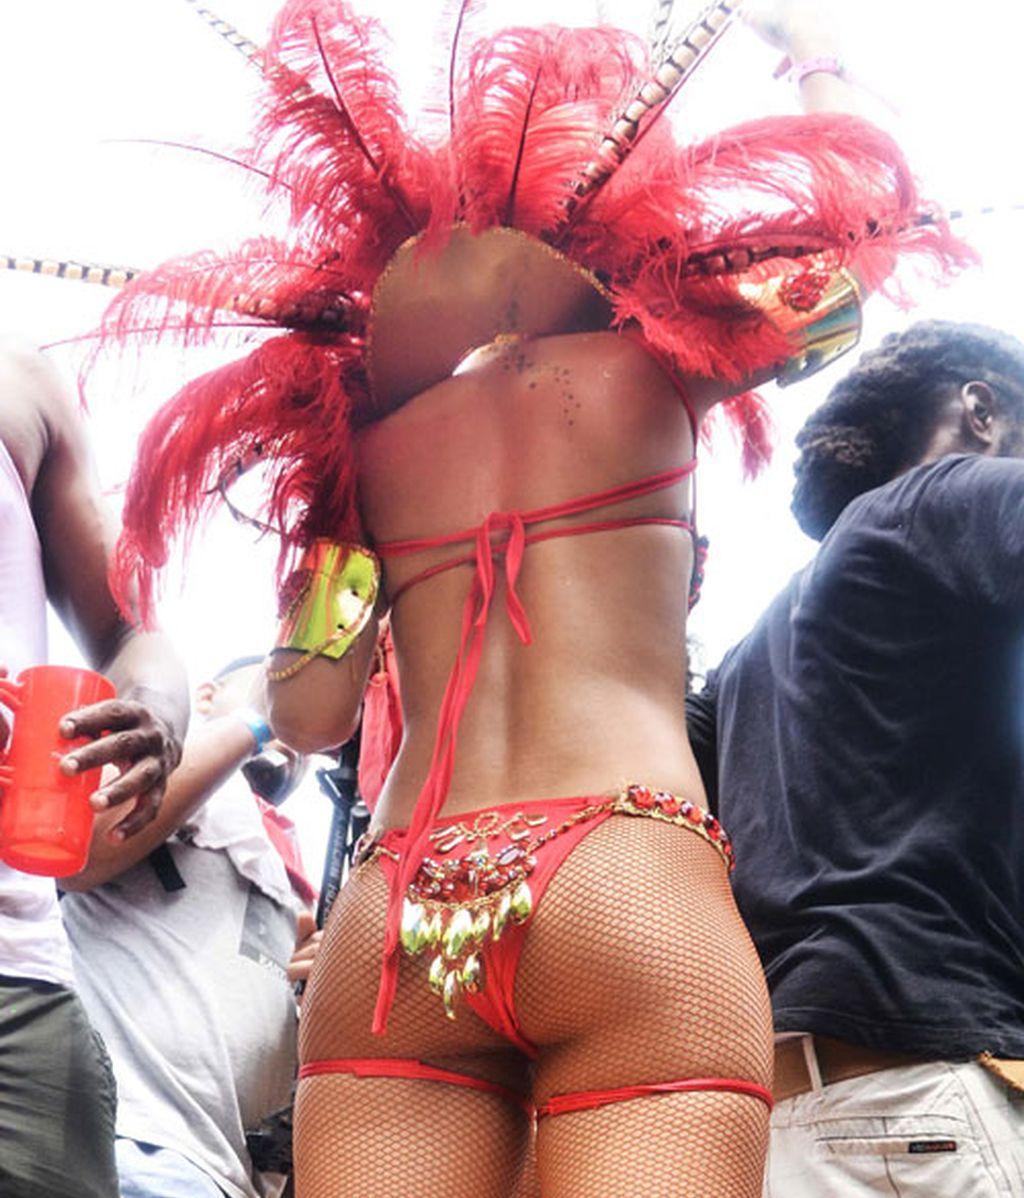 El desenfreno de Rihanna, en imágenes